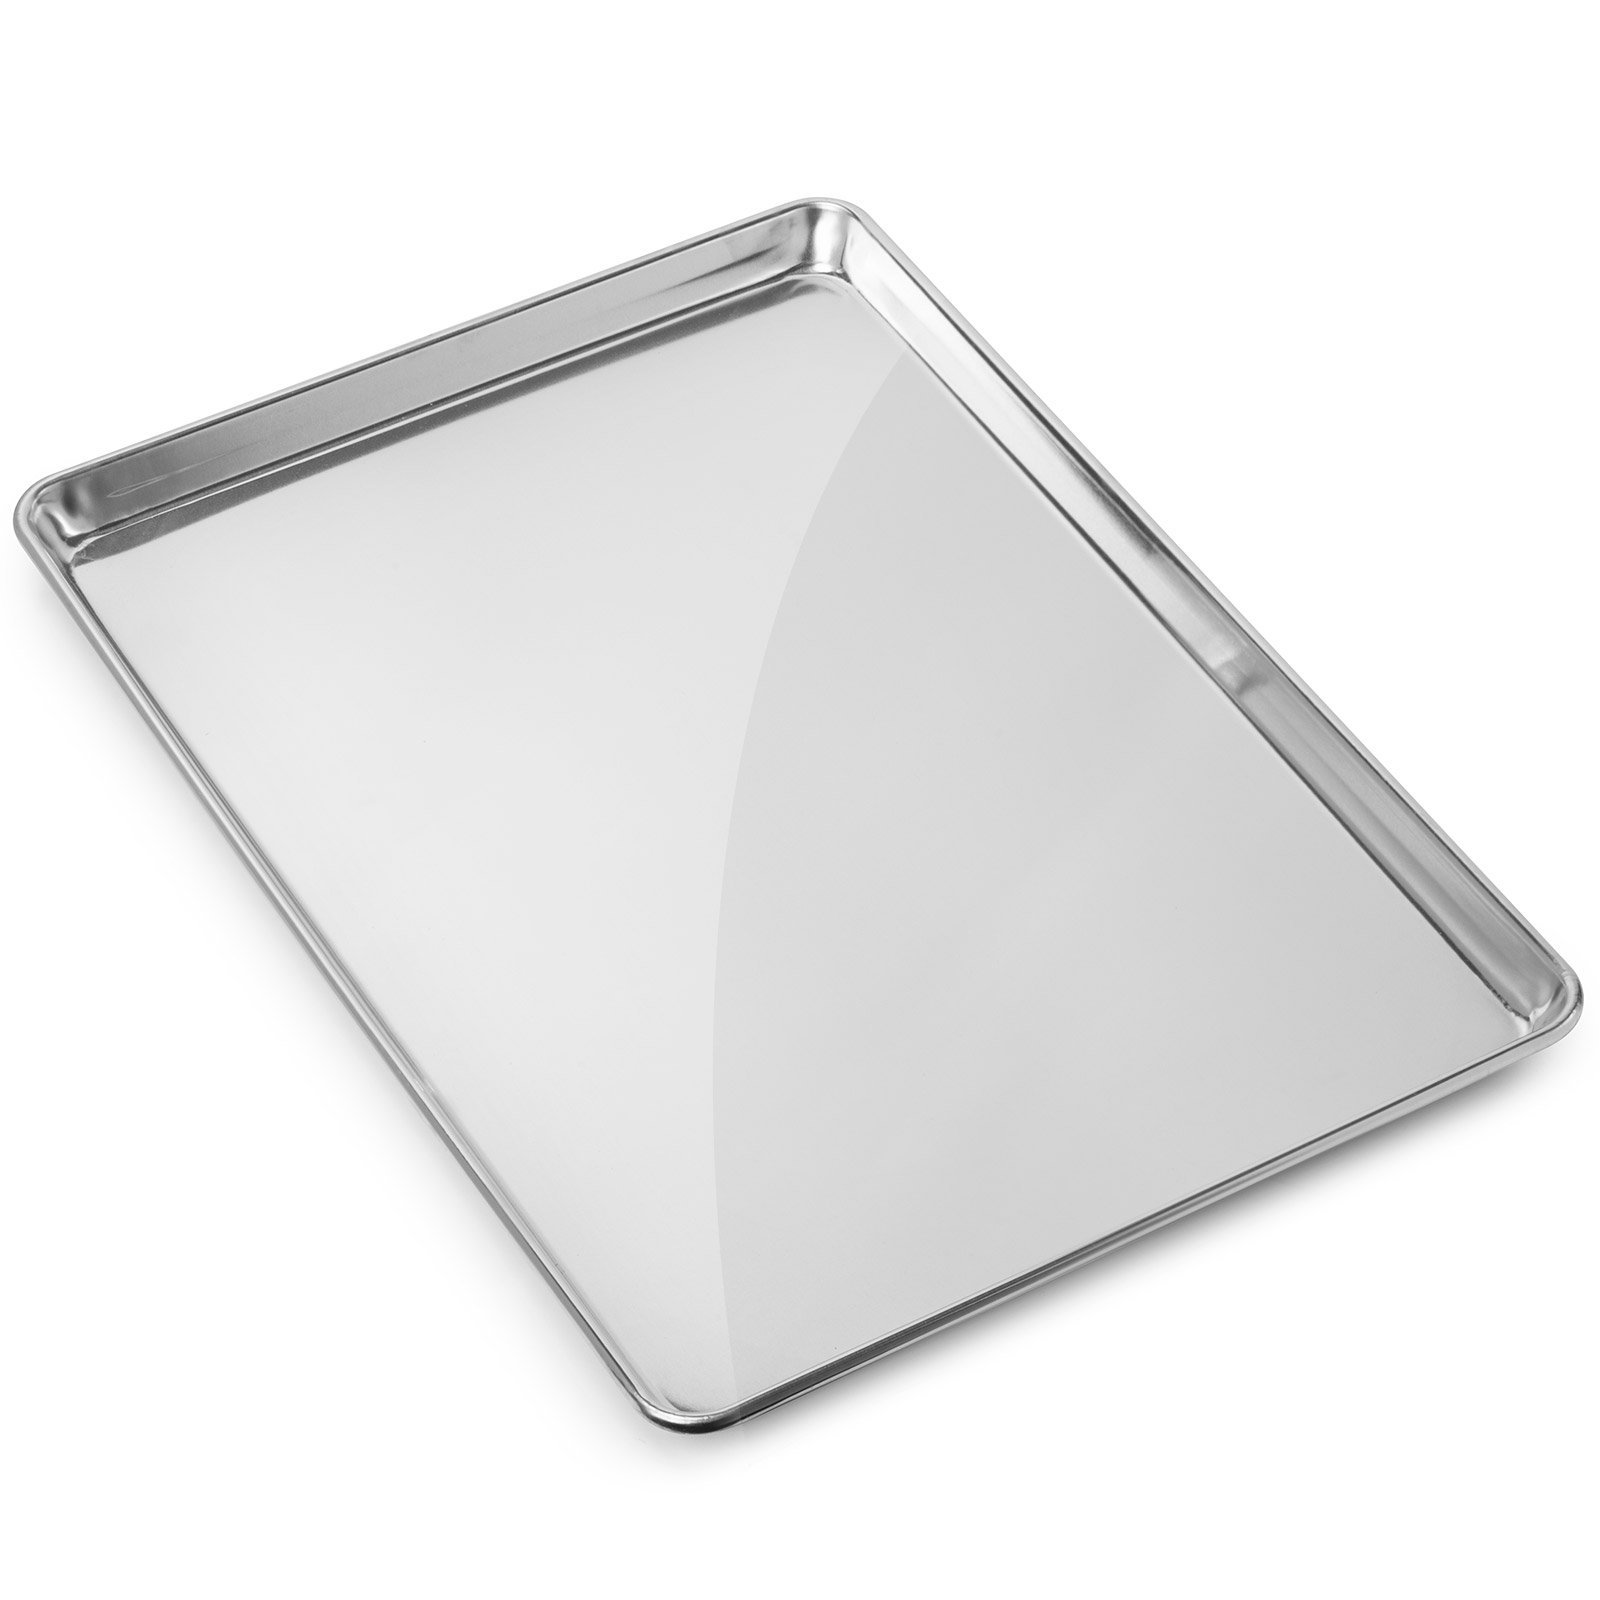 Gridmann 18 x 26 Commercial Grade Aluminium Cookie Sheet Baking Tray Pan Full Sheet - 12 Pans by Gridmann (Image #2)